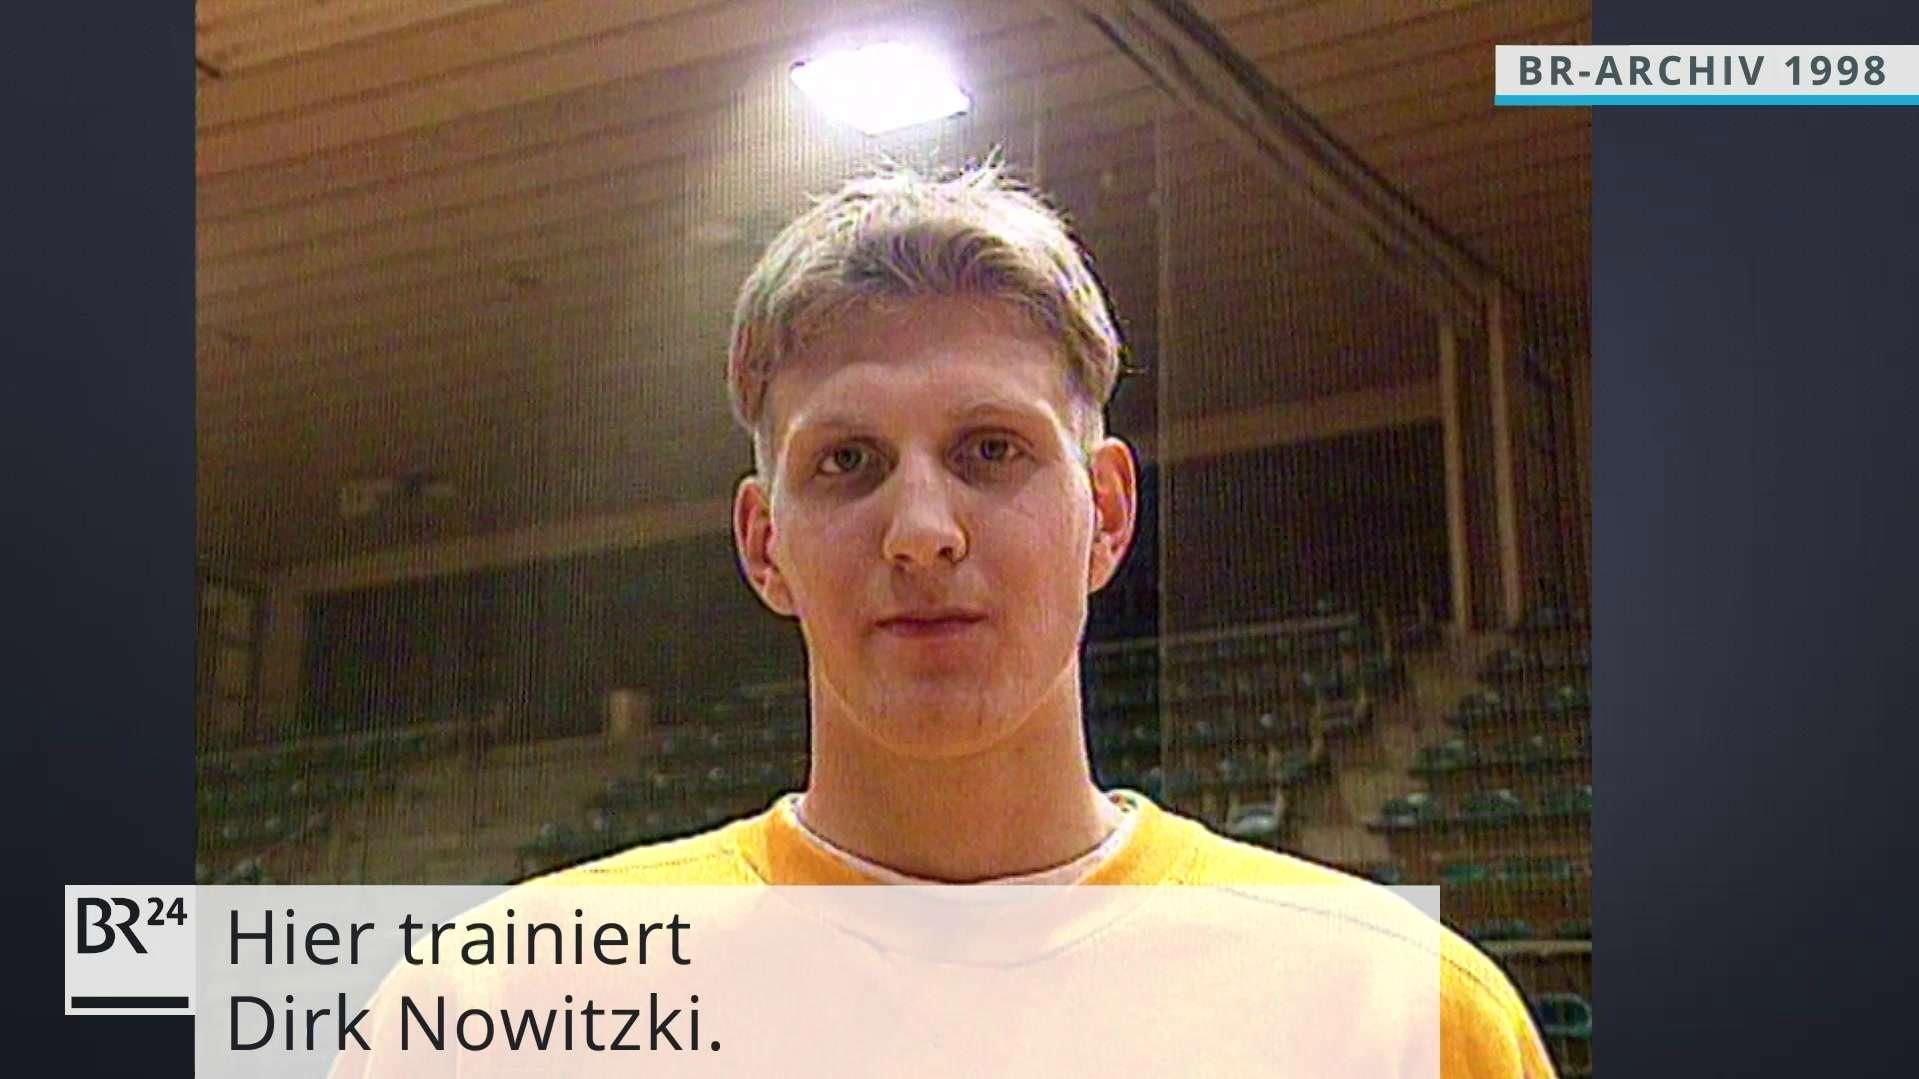 Der junge Dirk Nowitzki vor seinem Wechsel zu den Dallas Mavericks